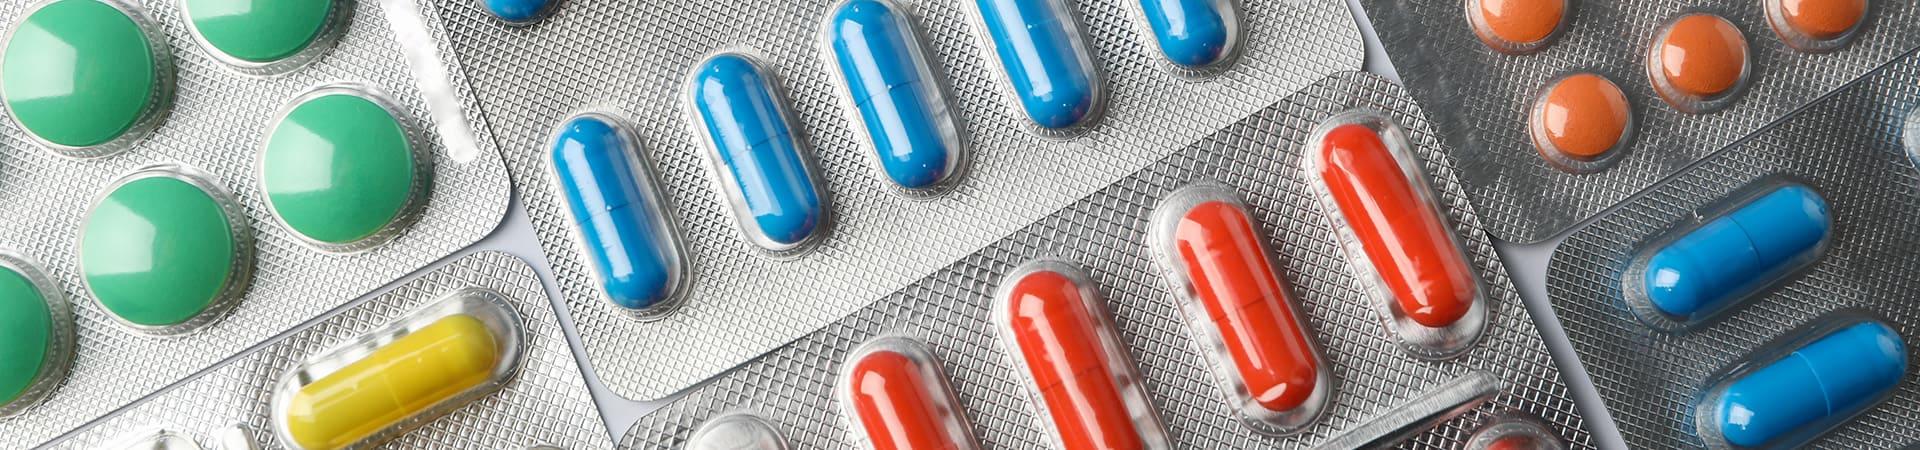 pharmaceuticals manufacturing